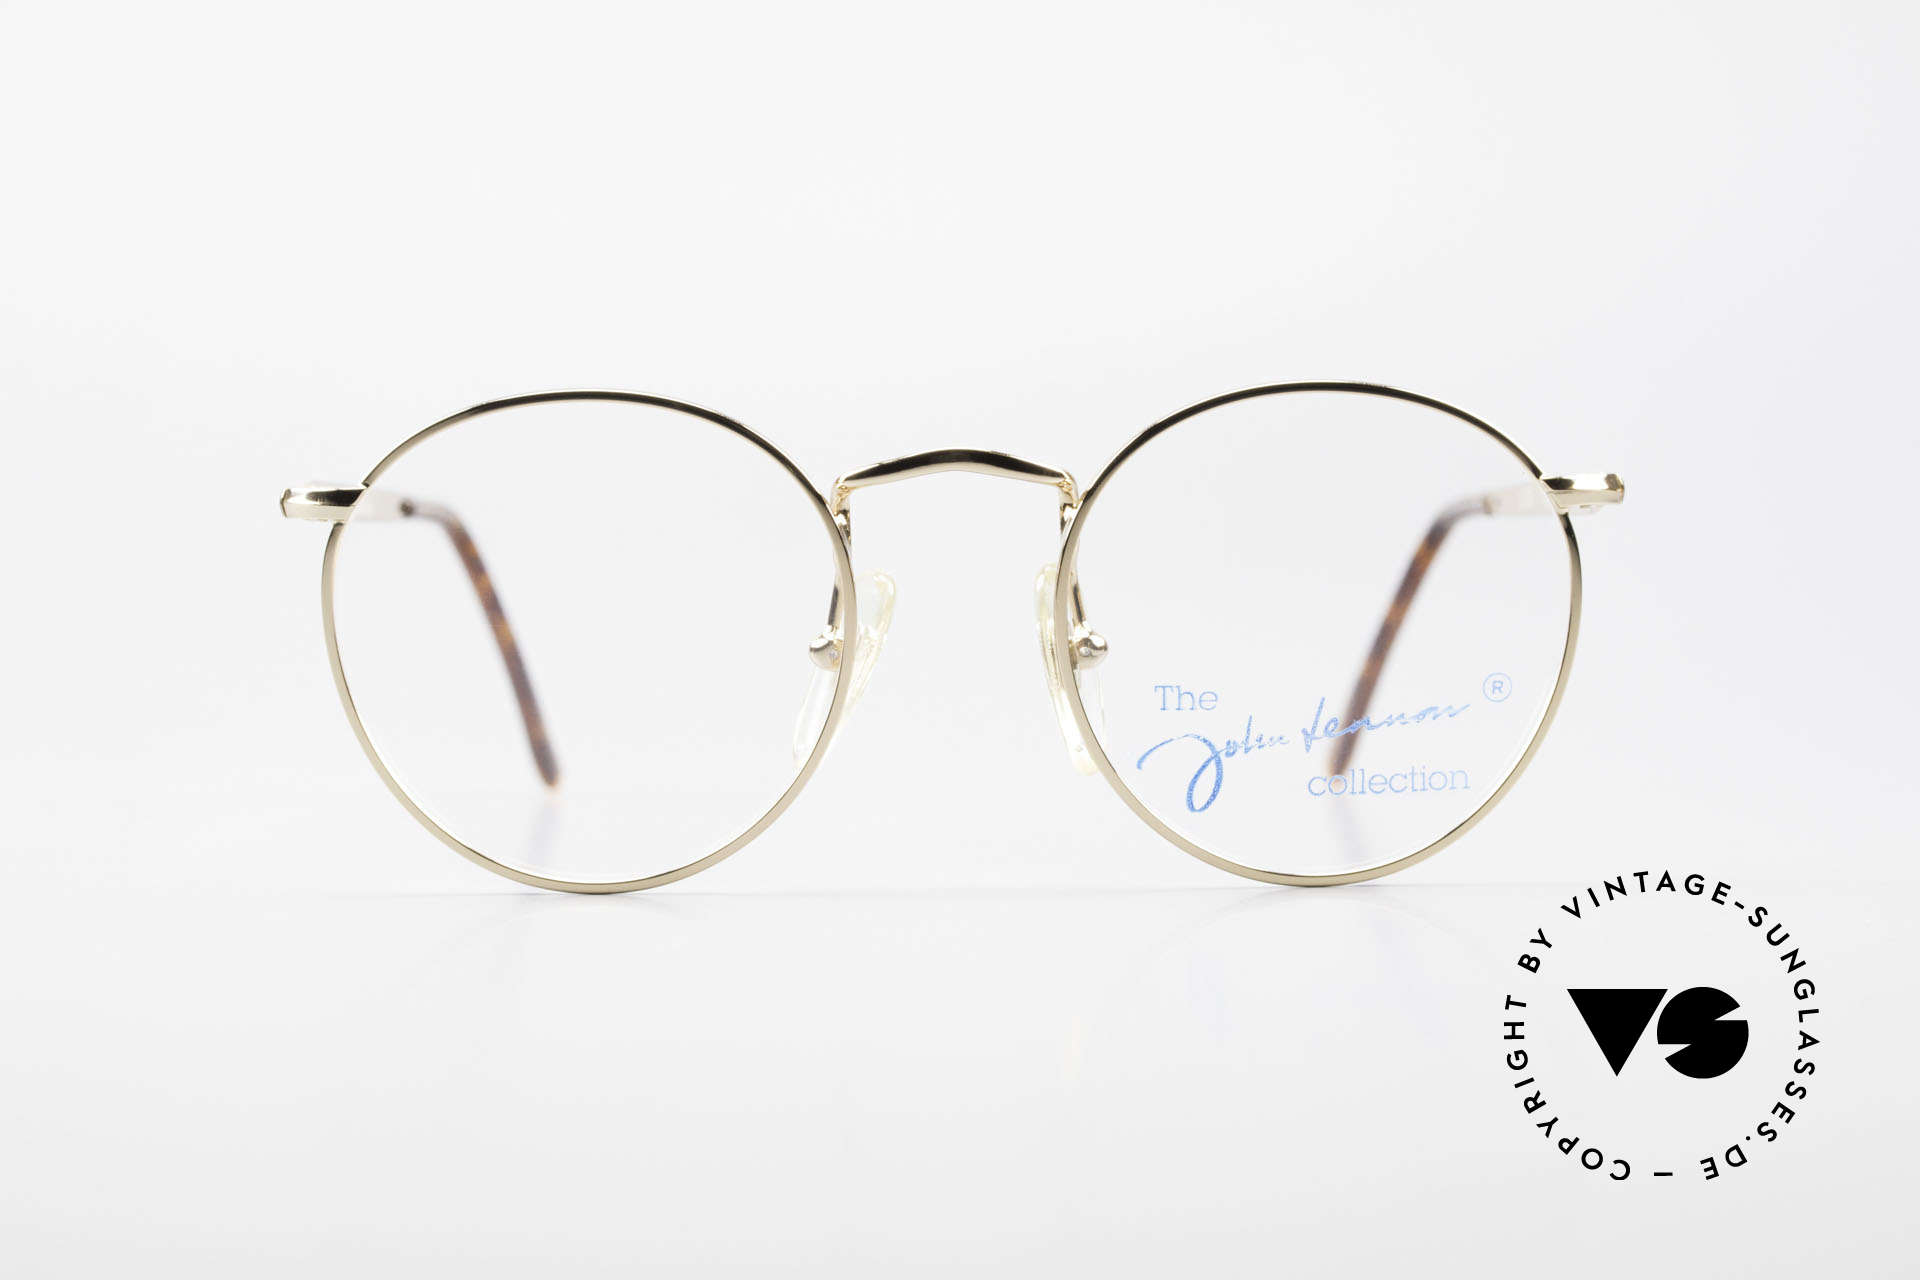 John Lennon - The Dreamer Extra Small Vintage Frame, vintage glasses of the original 'John Lennon Collection', Made for Men and Women